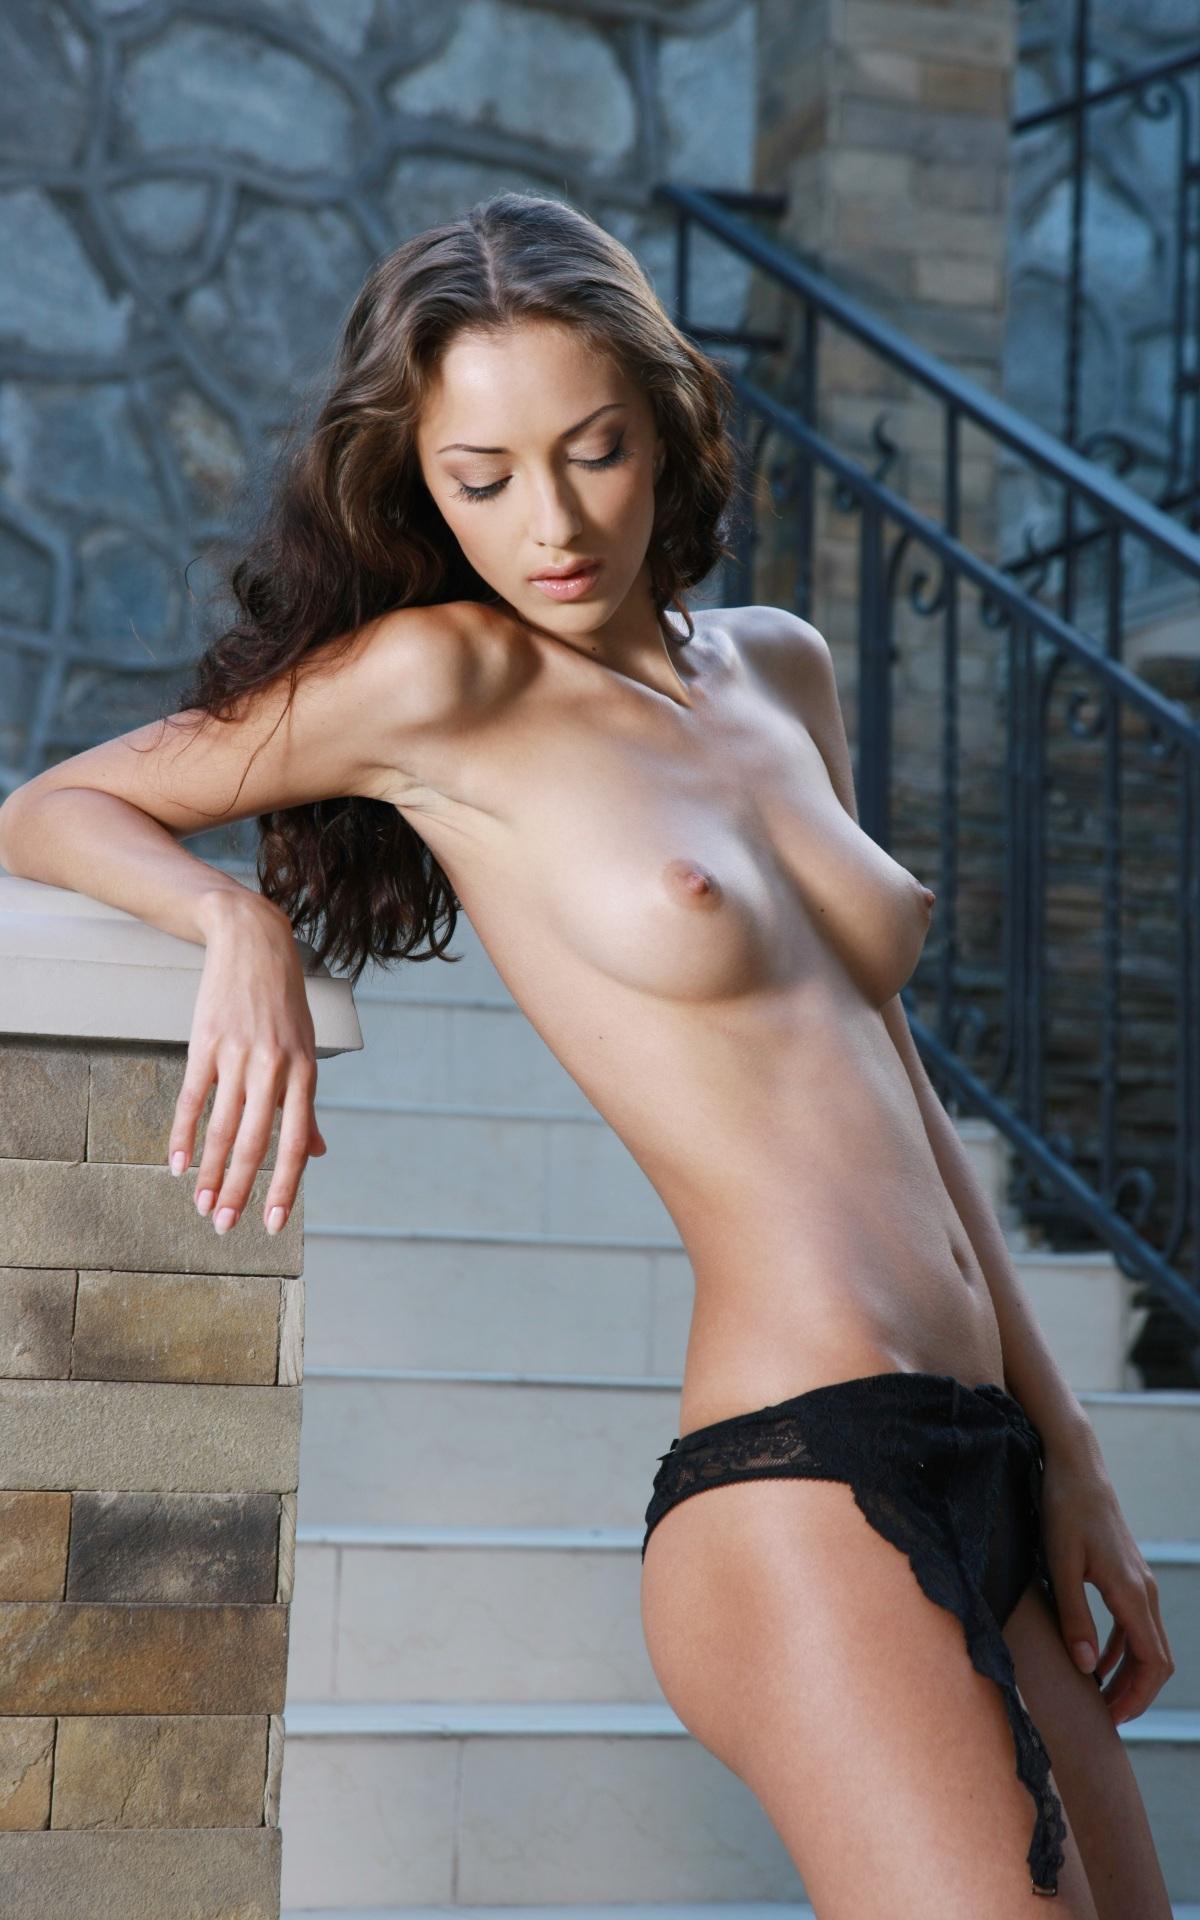 Брюнеточка на лестнице (15 фото)